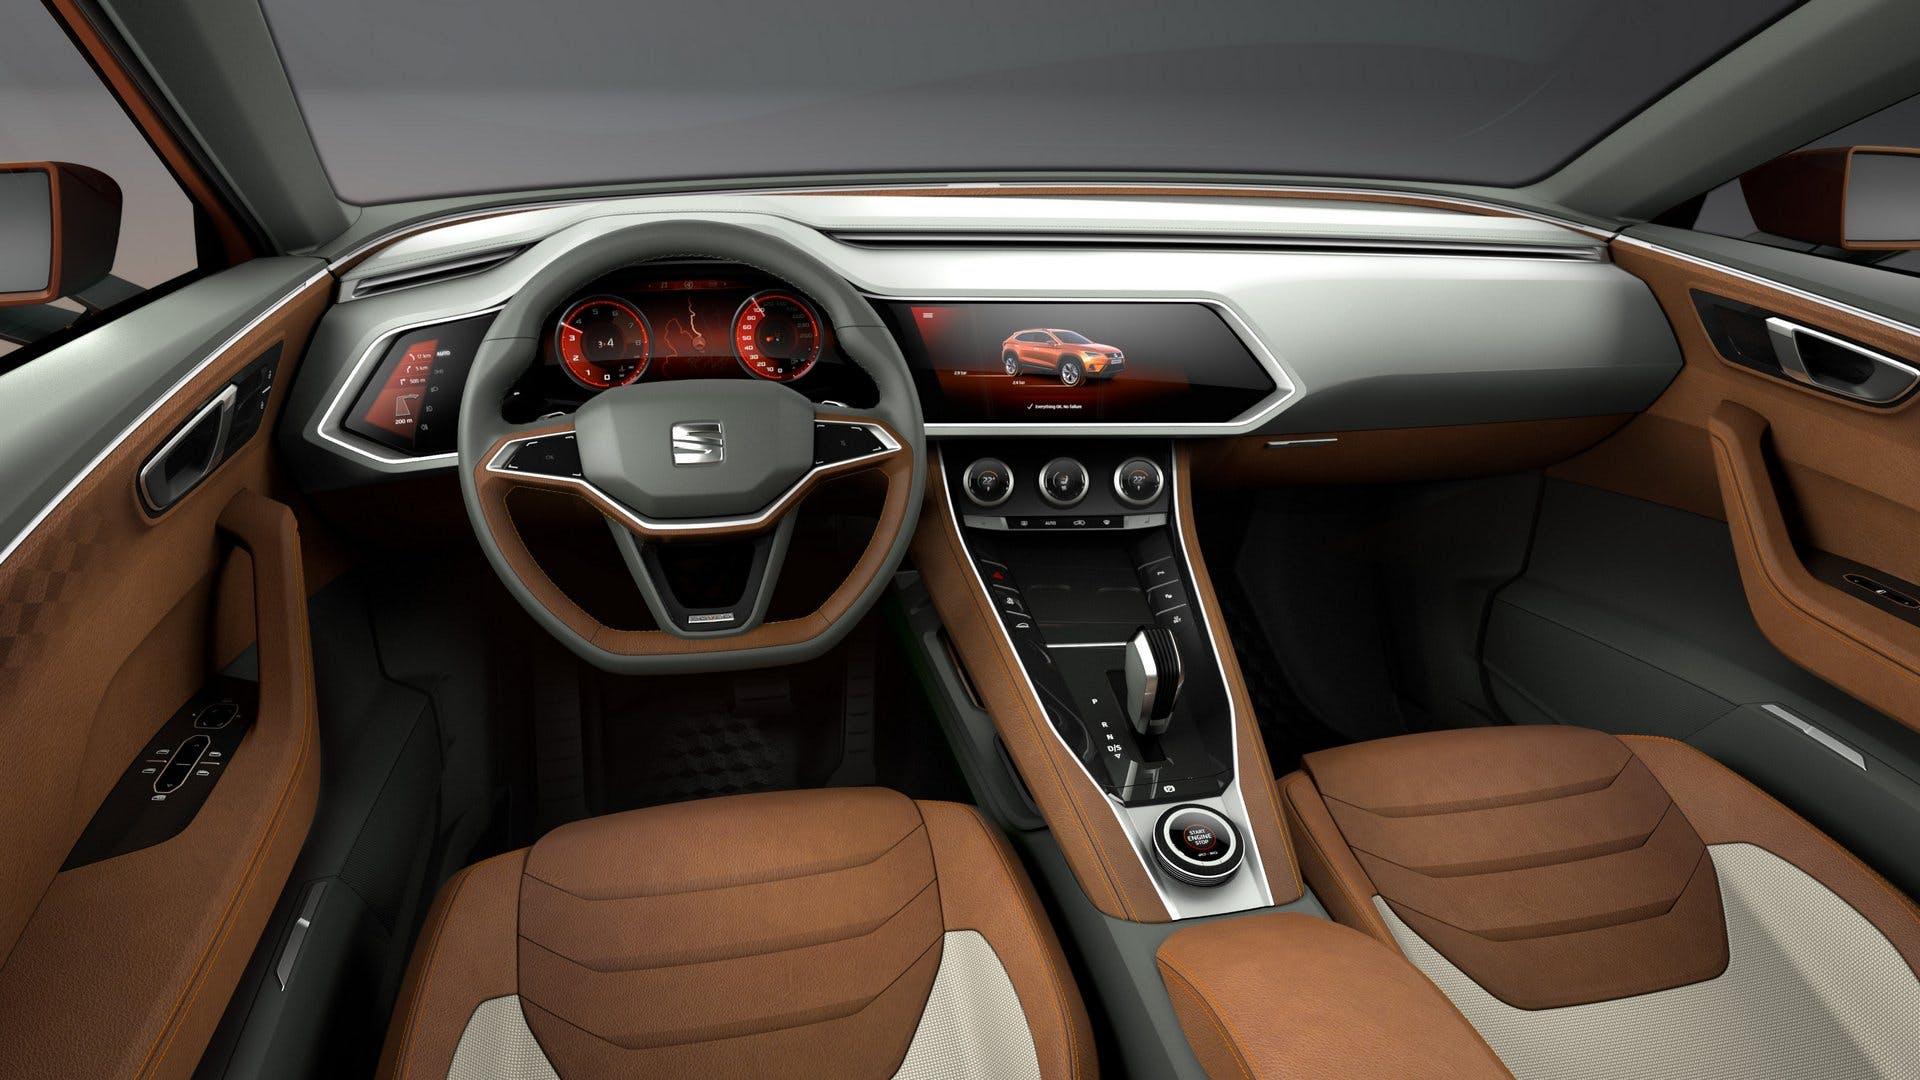 Seat20V20-009